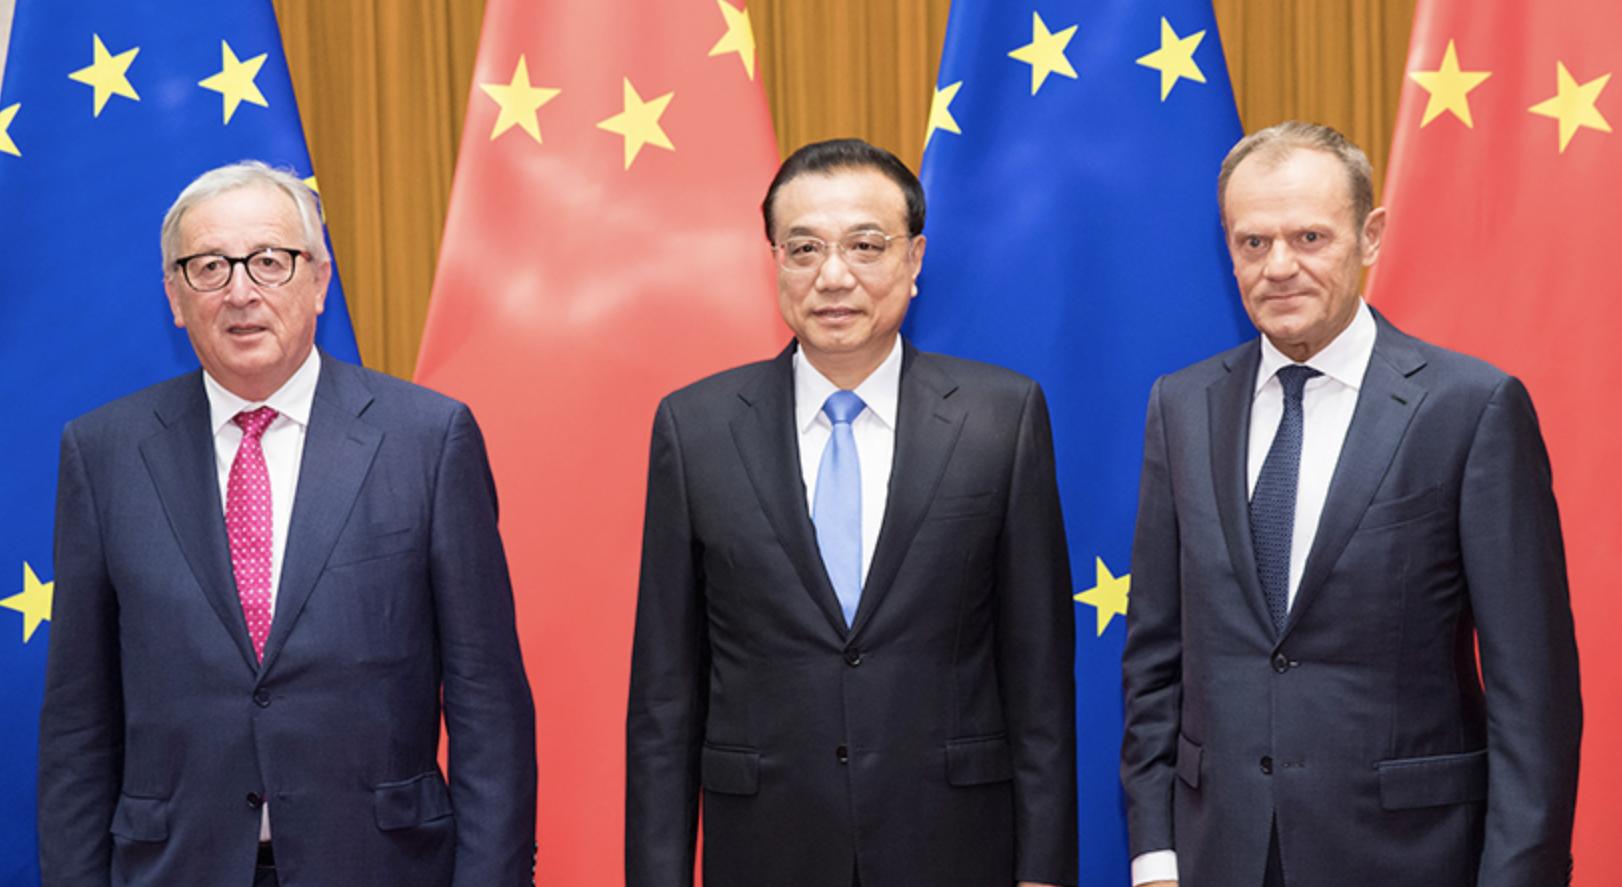 李克强与欧盟领导人共同会见记者